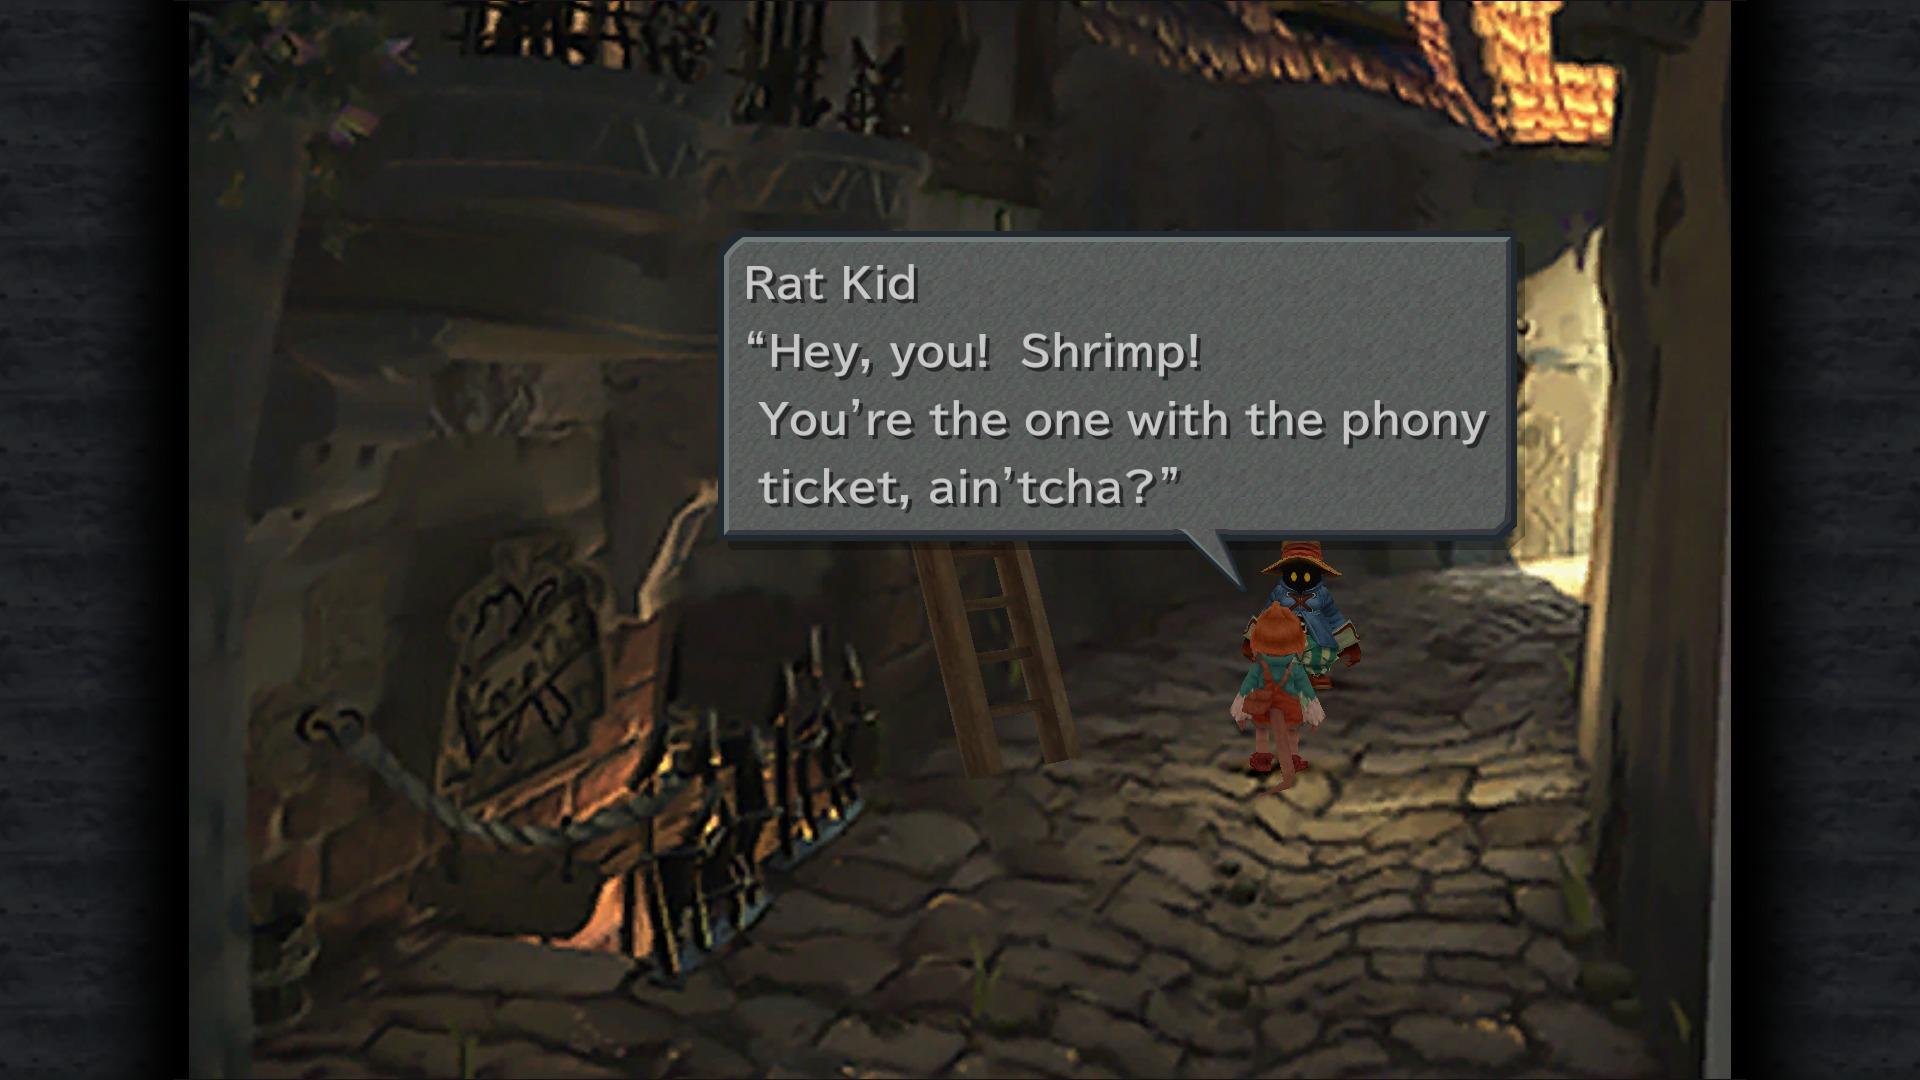 phony ticket